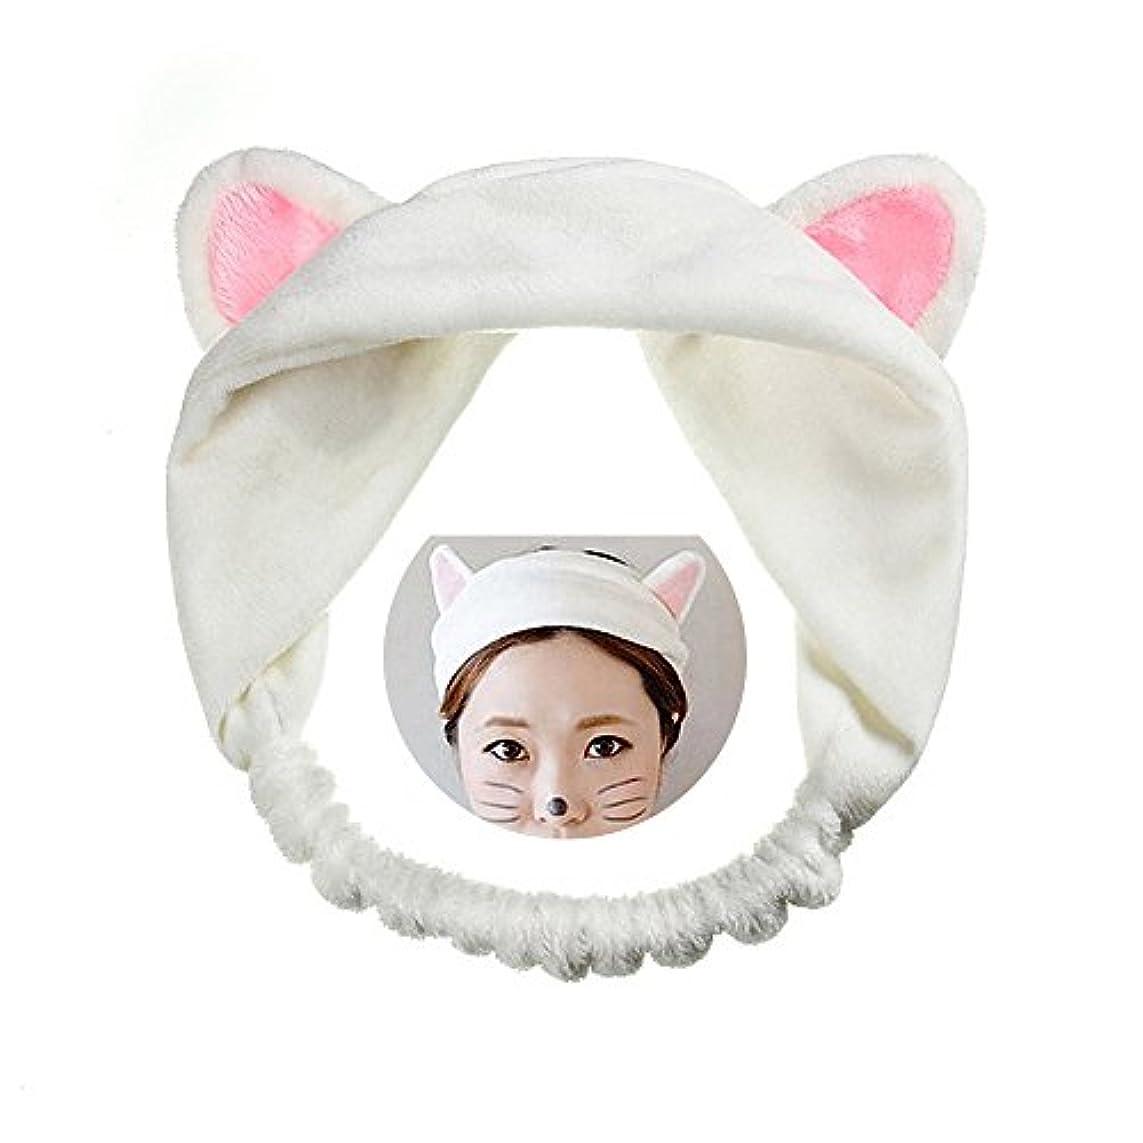 プレミアムグリース料理をする可愛い 猫 耳 ヘアバンド メイク アップ フェイス マスク スポーツ カチューシャ 髪型 ホワイト